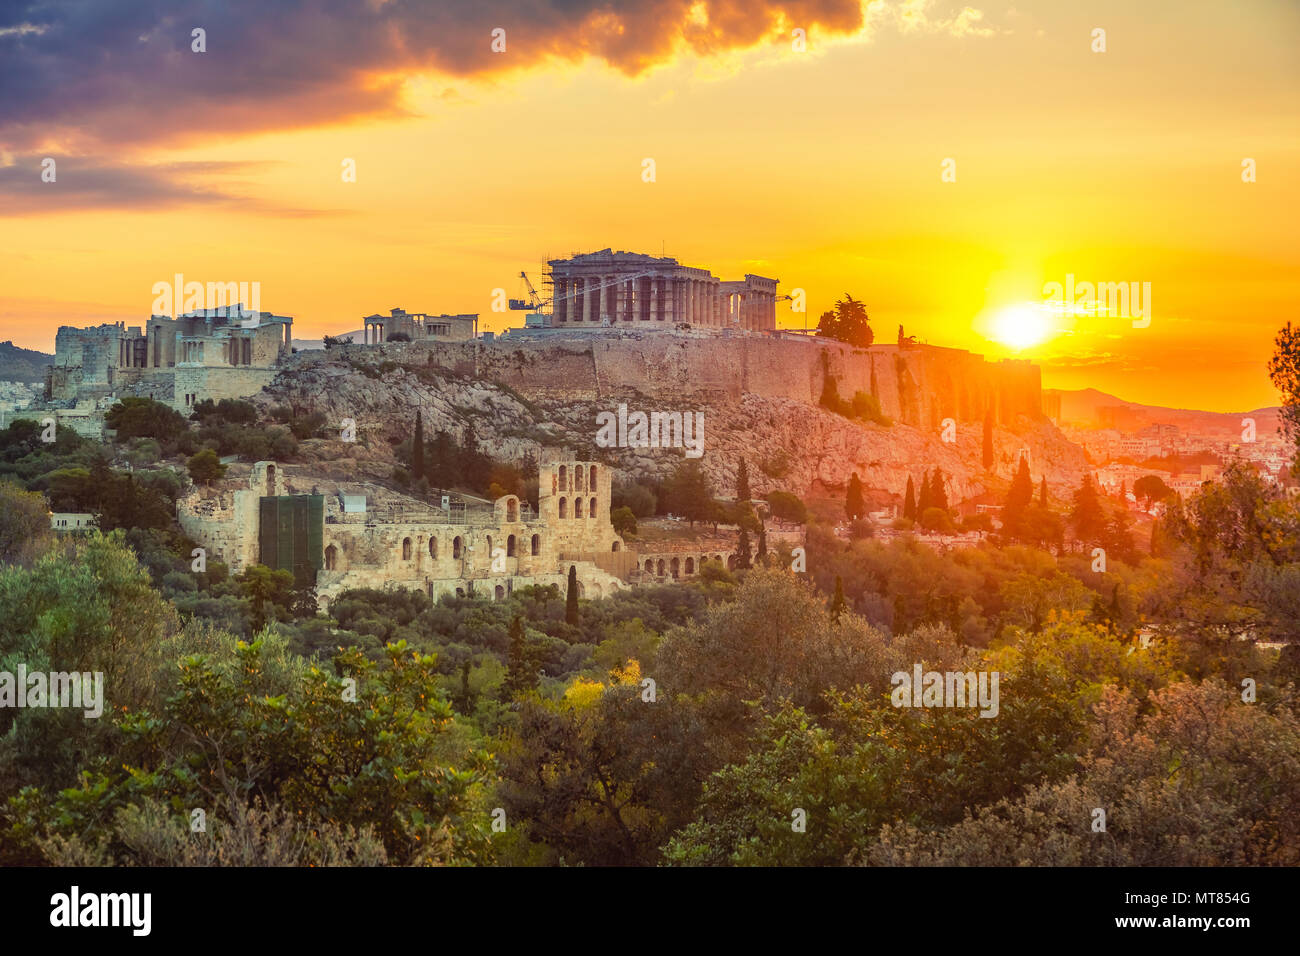 Sonnenaufgang über Parthenon, Akropolis von Athen, Griechenland Stockbild